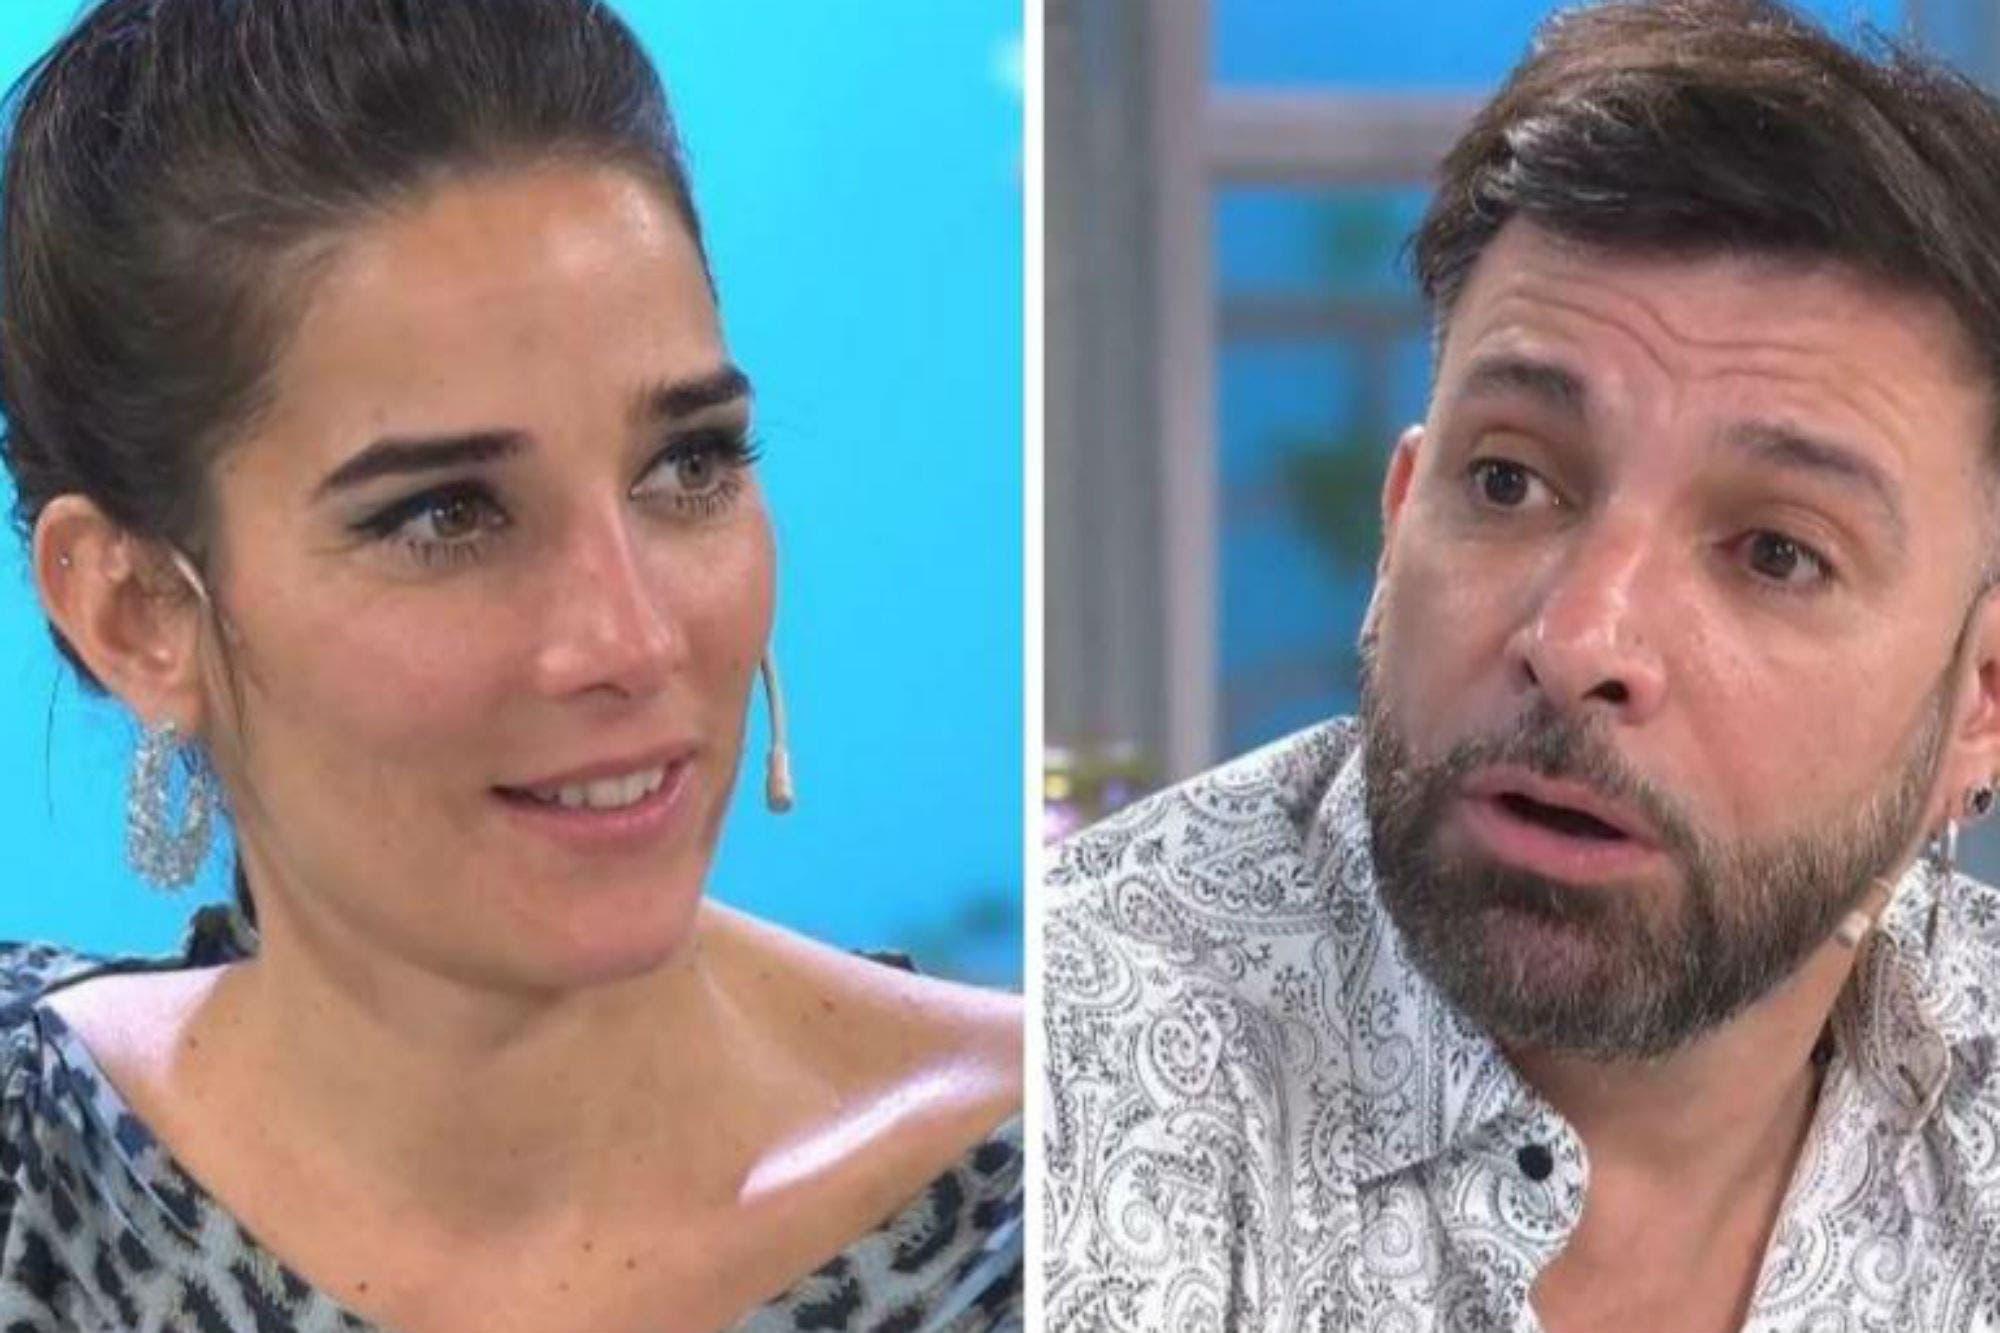 Almorzando con Mirtha Legrand: Juana Viale y Martín Bossi confesaron que durmieron juntos